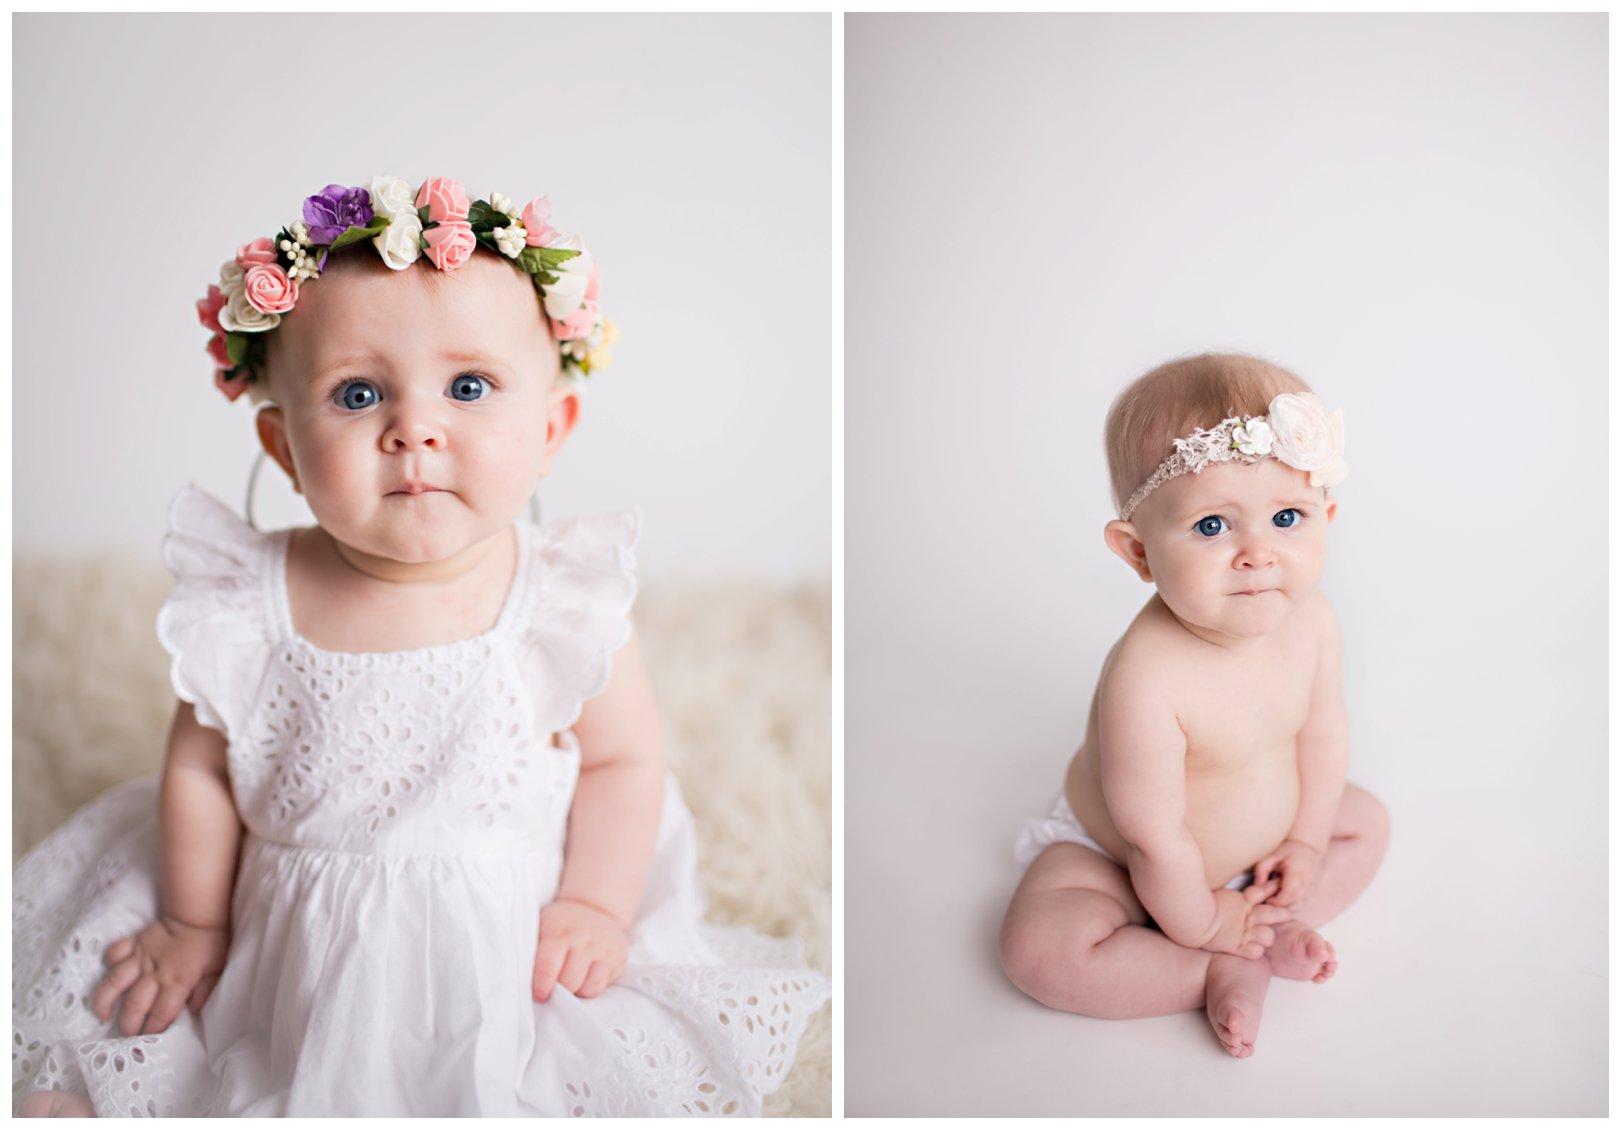 lauren muckler photography_fine art film wedding photography_st louis_photography_0960.jpg